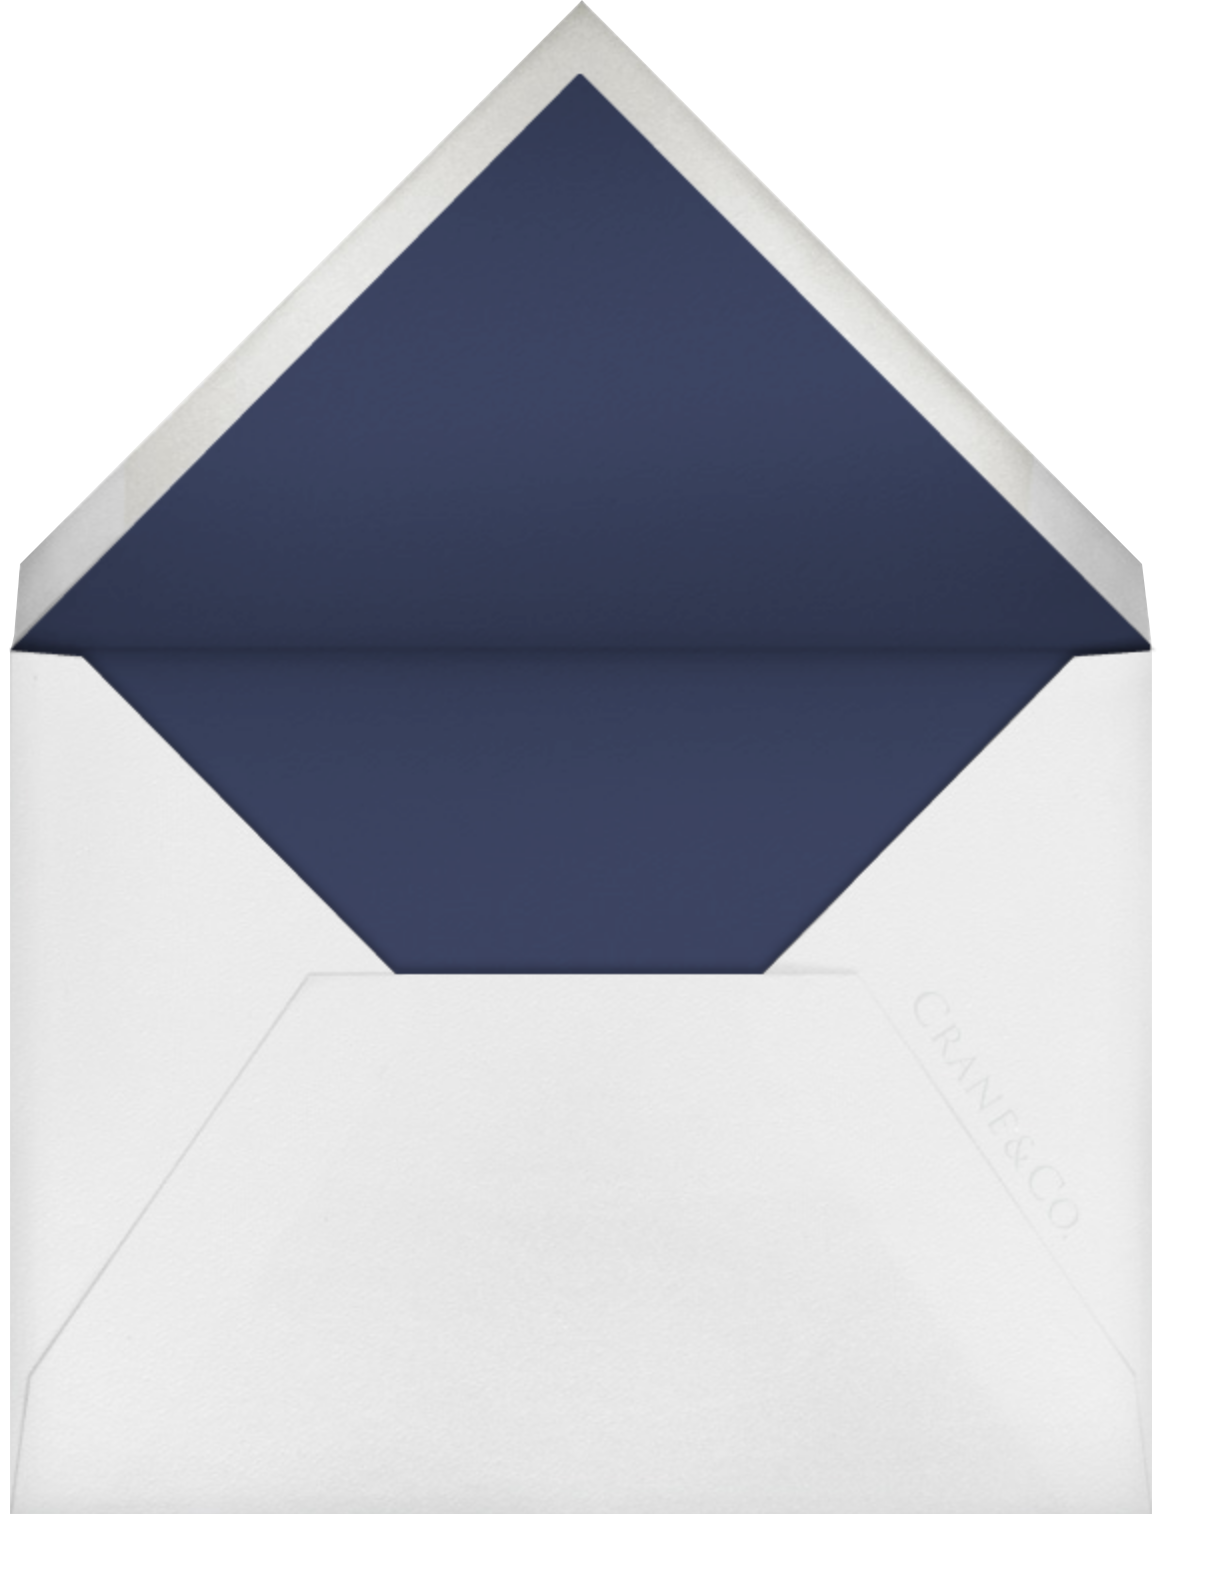 Hydrangea Lace II - Navy - Oscar de la Renta - Envelope